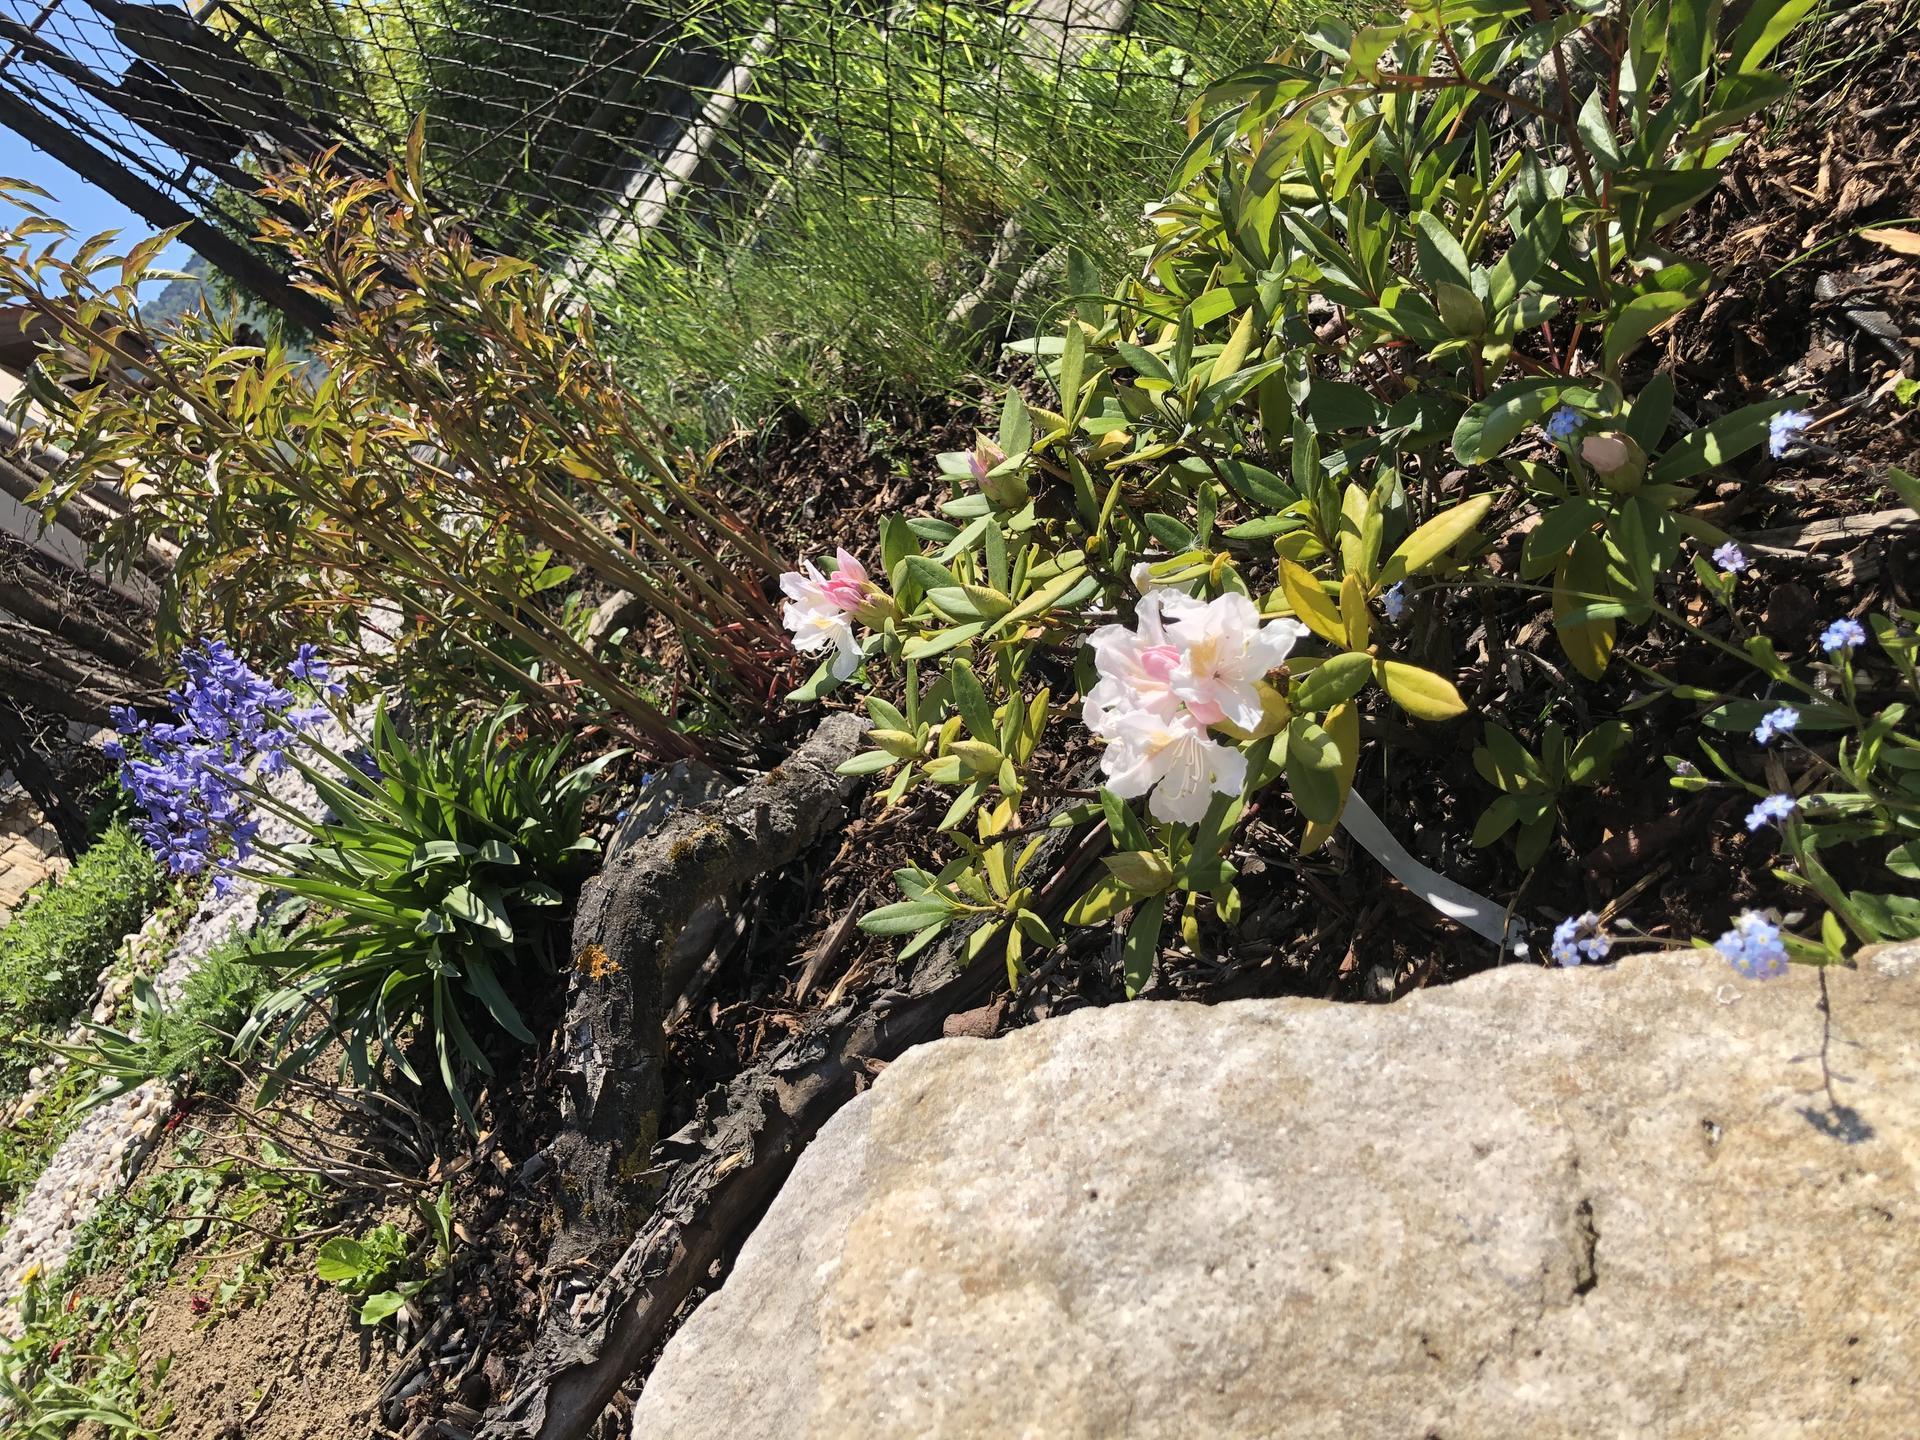 U nás doma a na zahradě 2020 - Obrázek č. 63